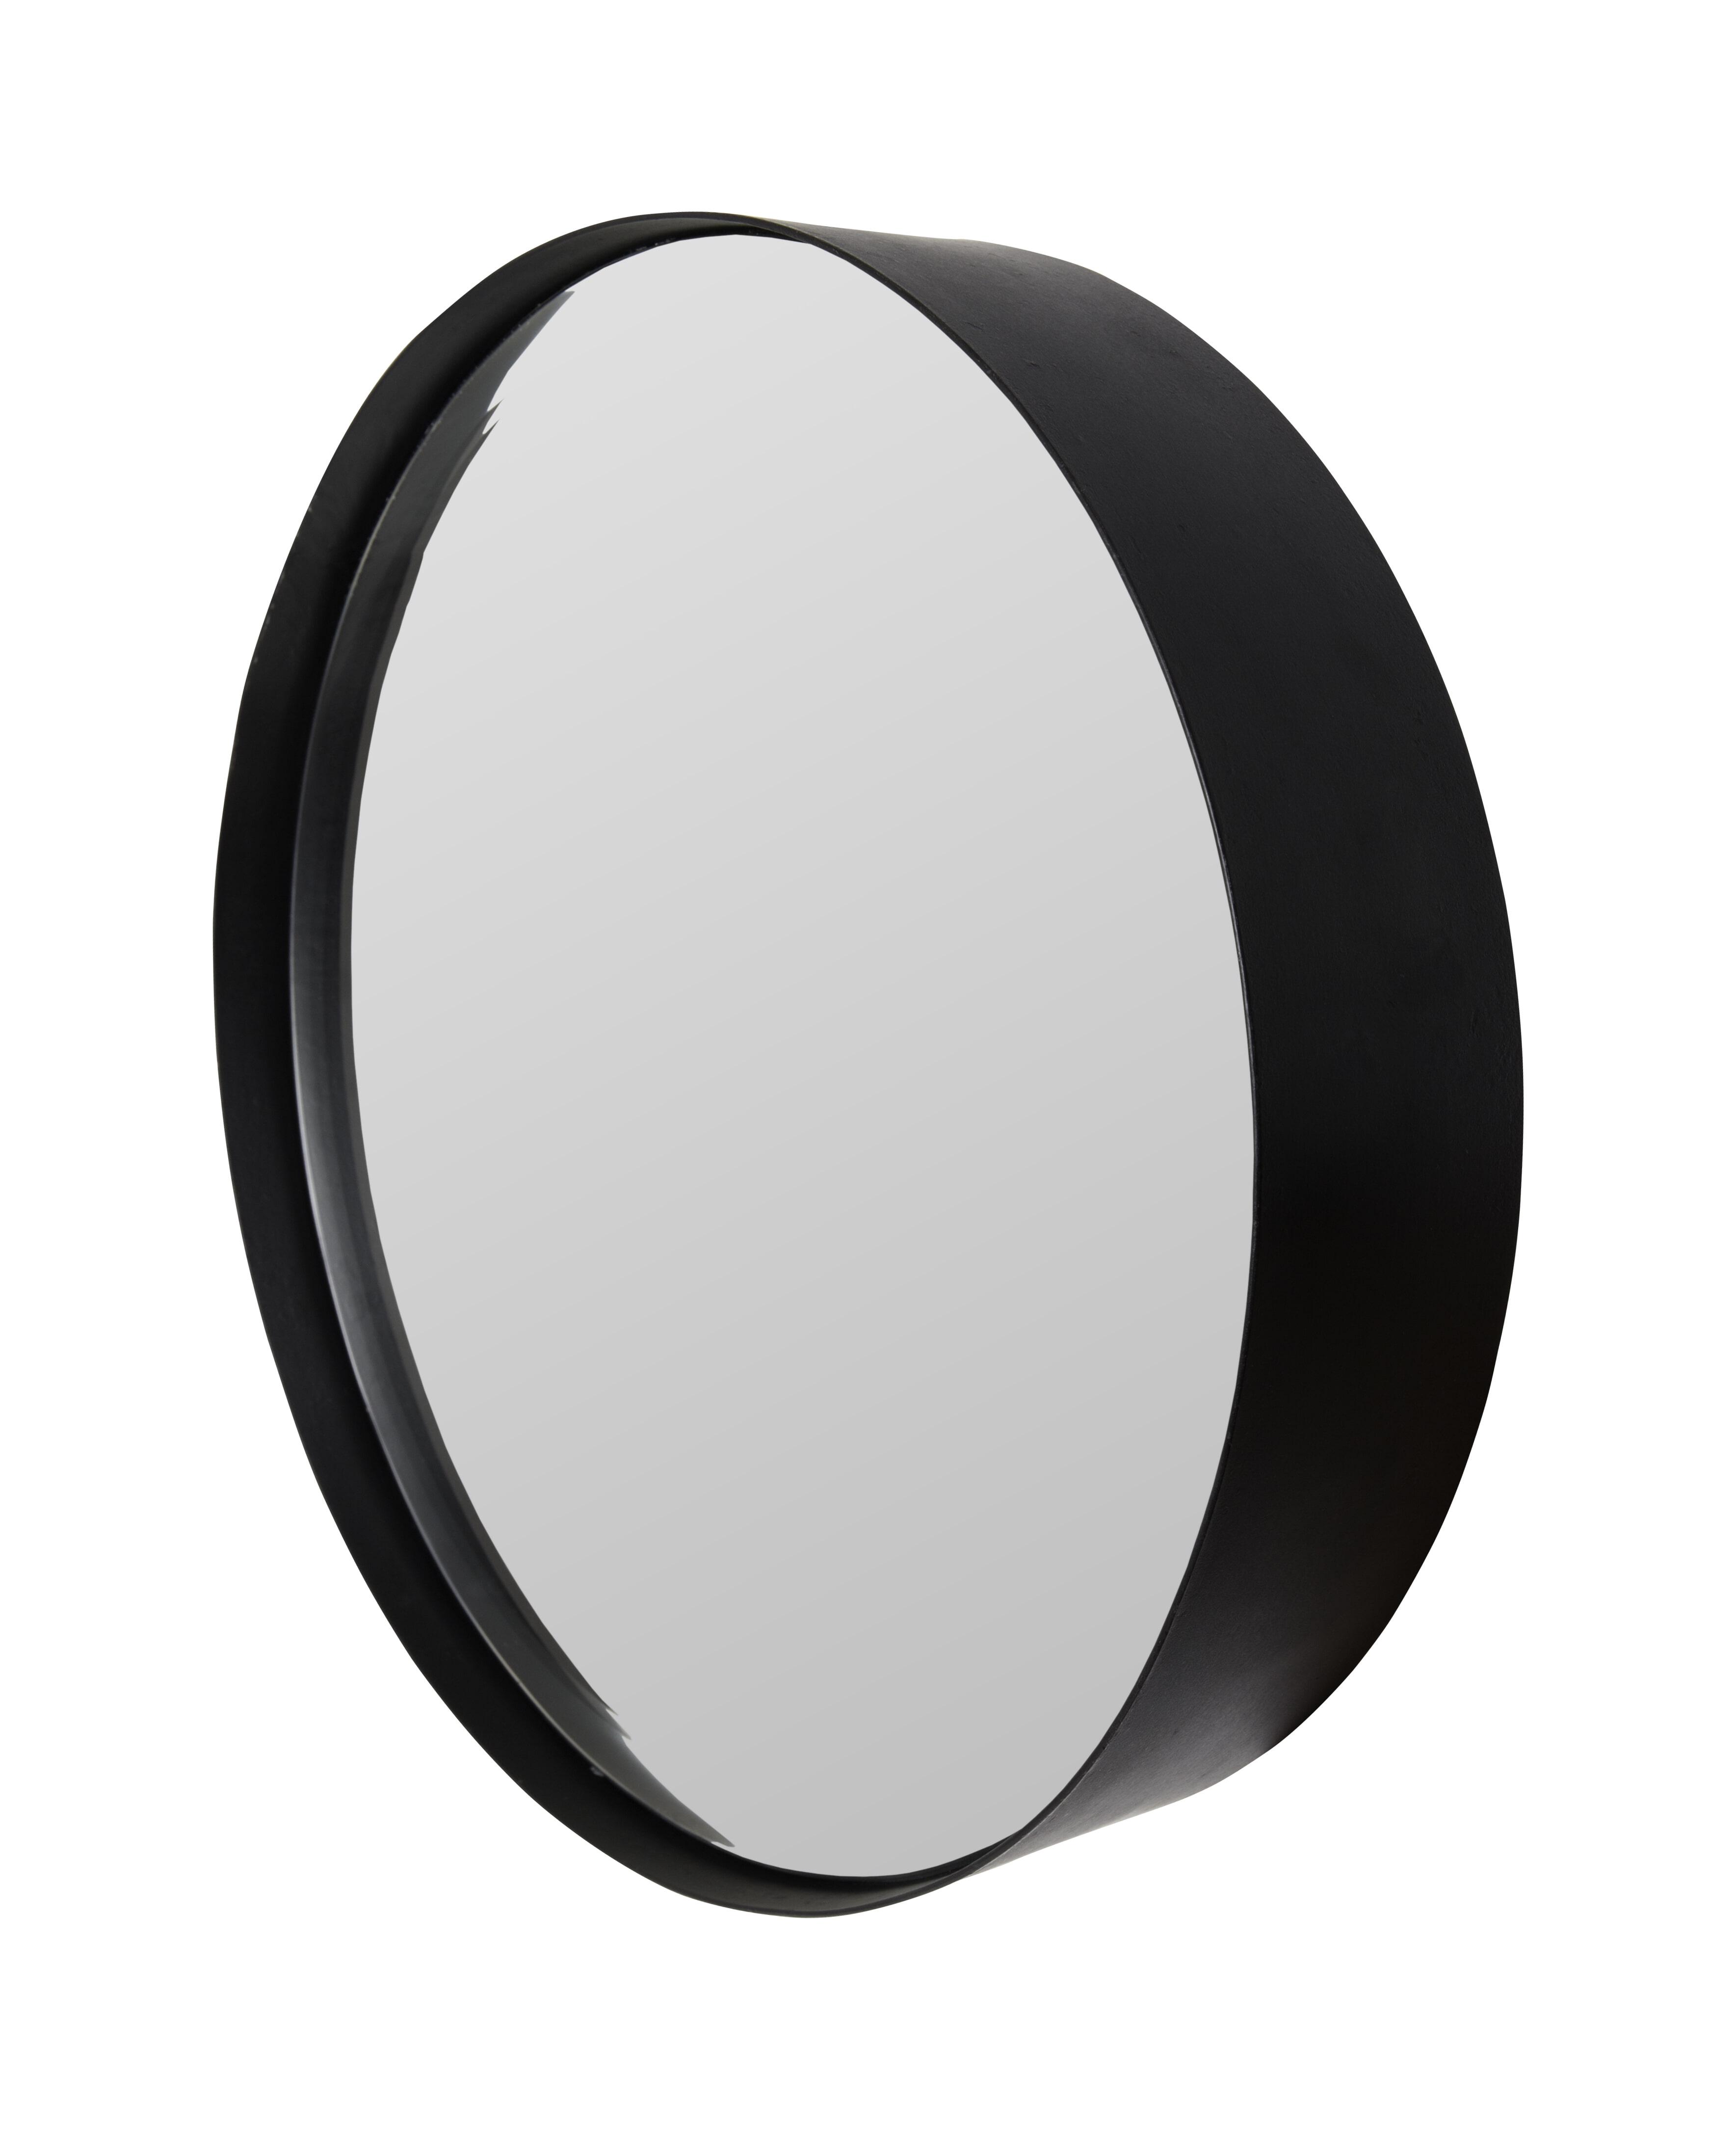 Ronde Spiegel 'Sal' 60cm, kleur zwart